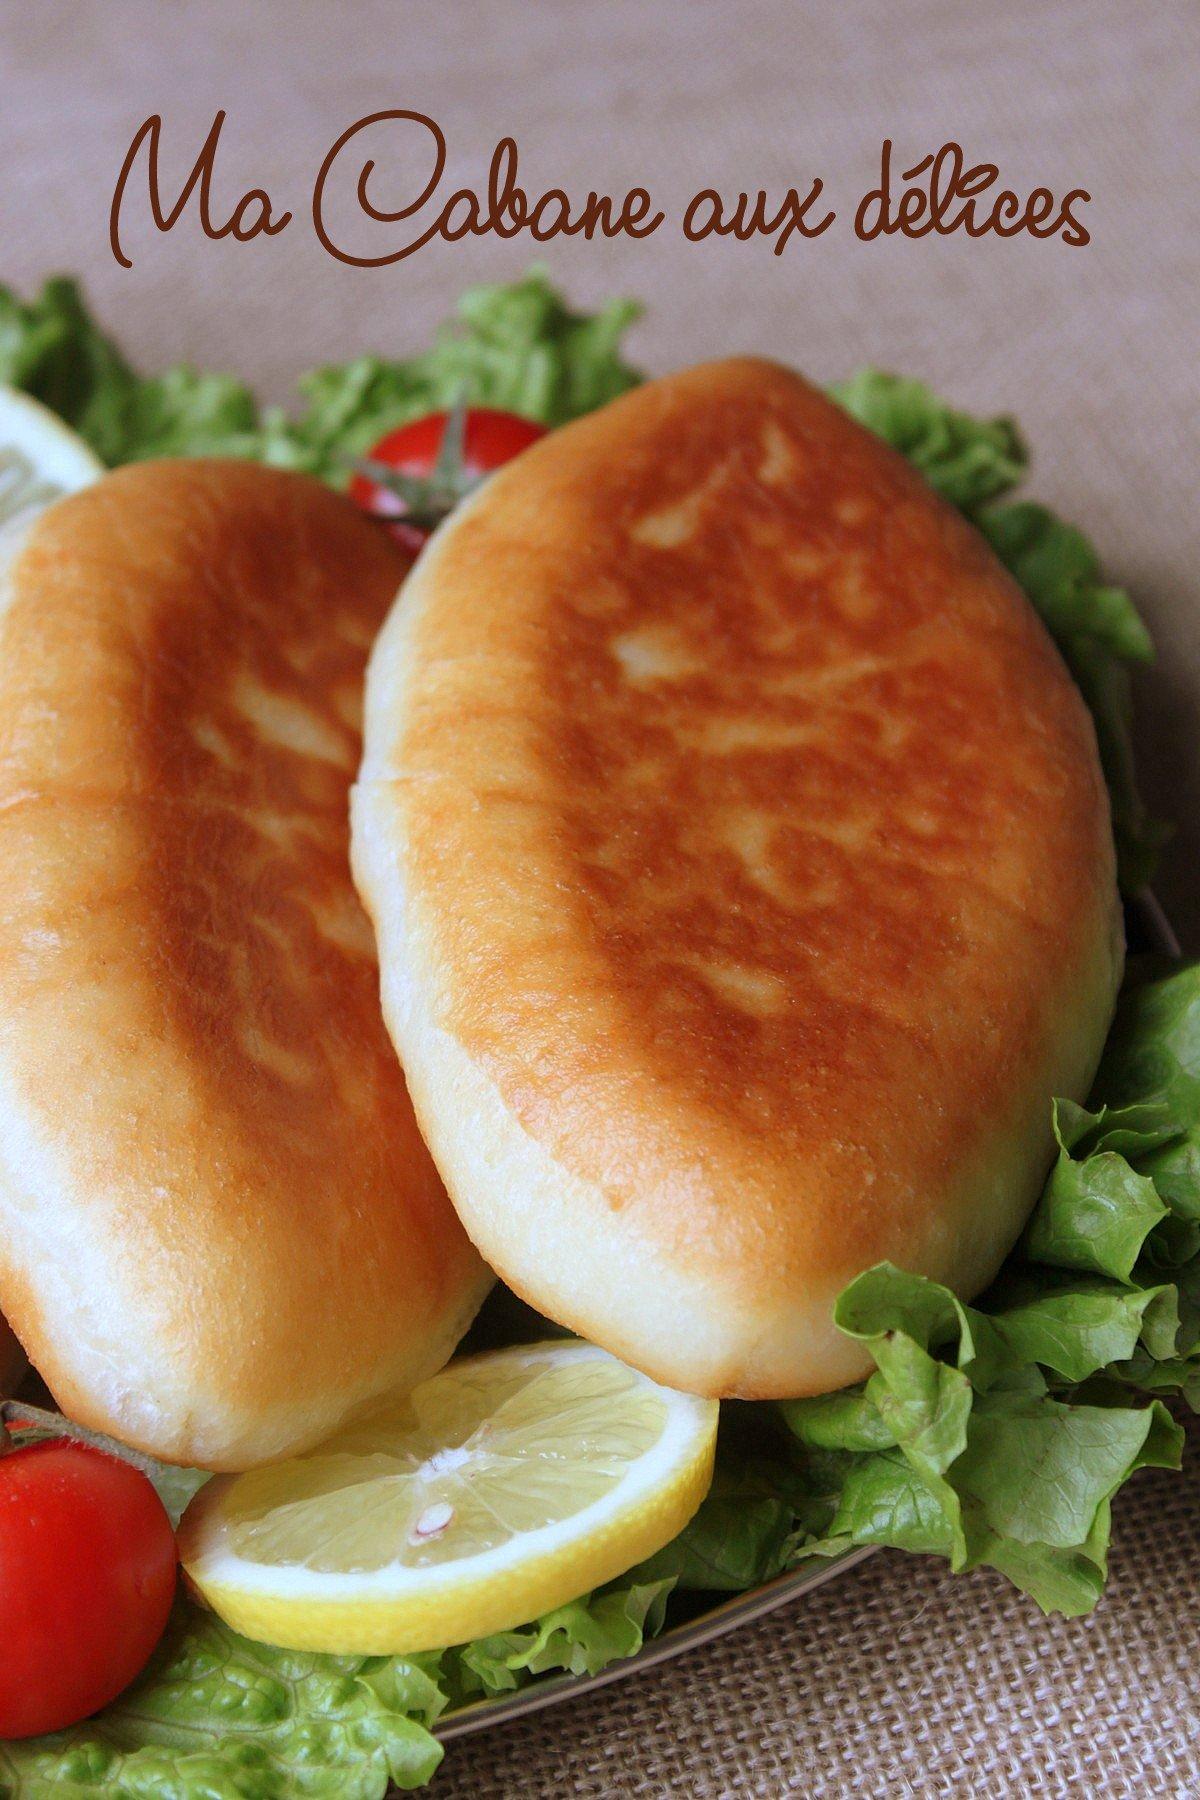 Pate pour beignets salés ou sucrés